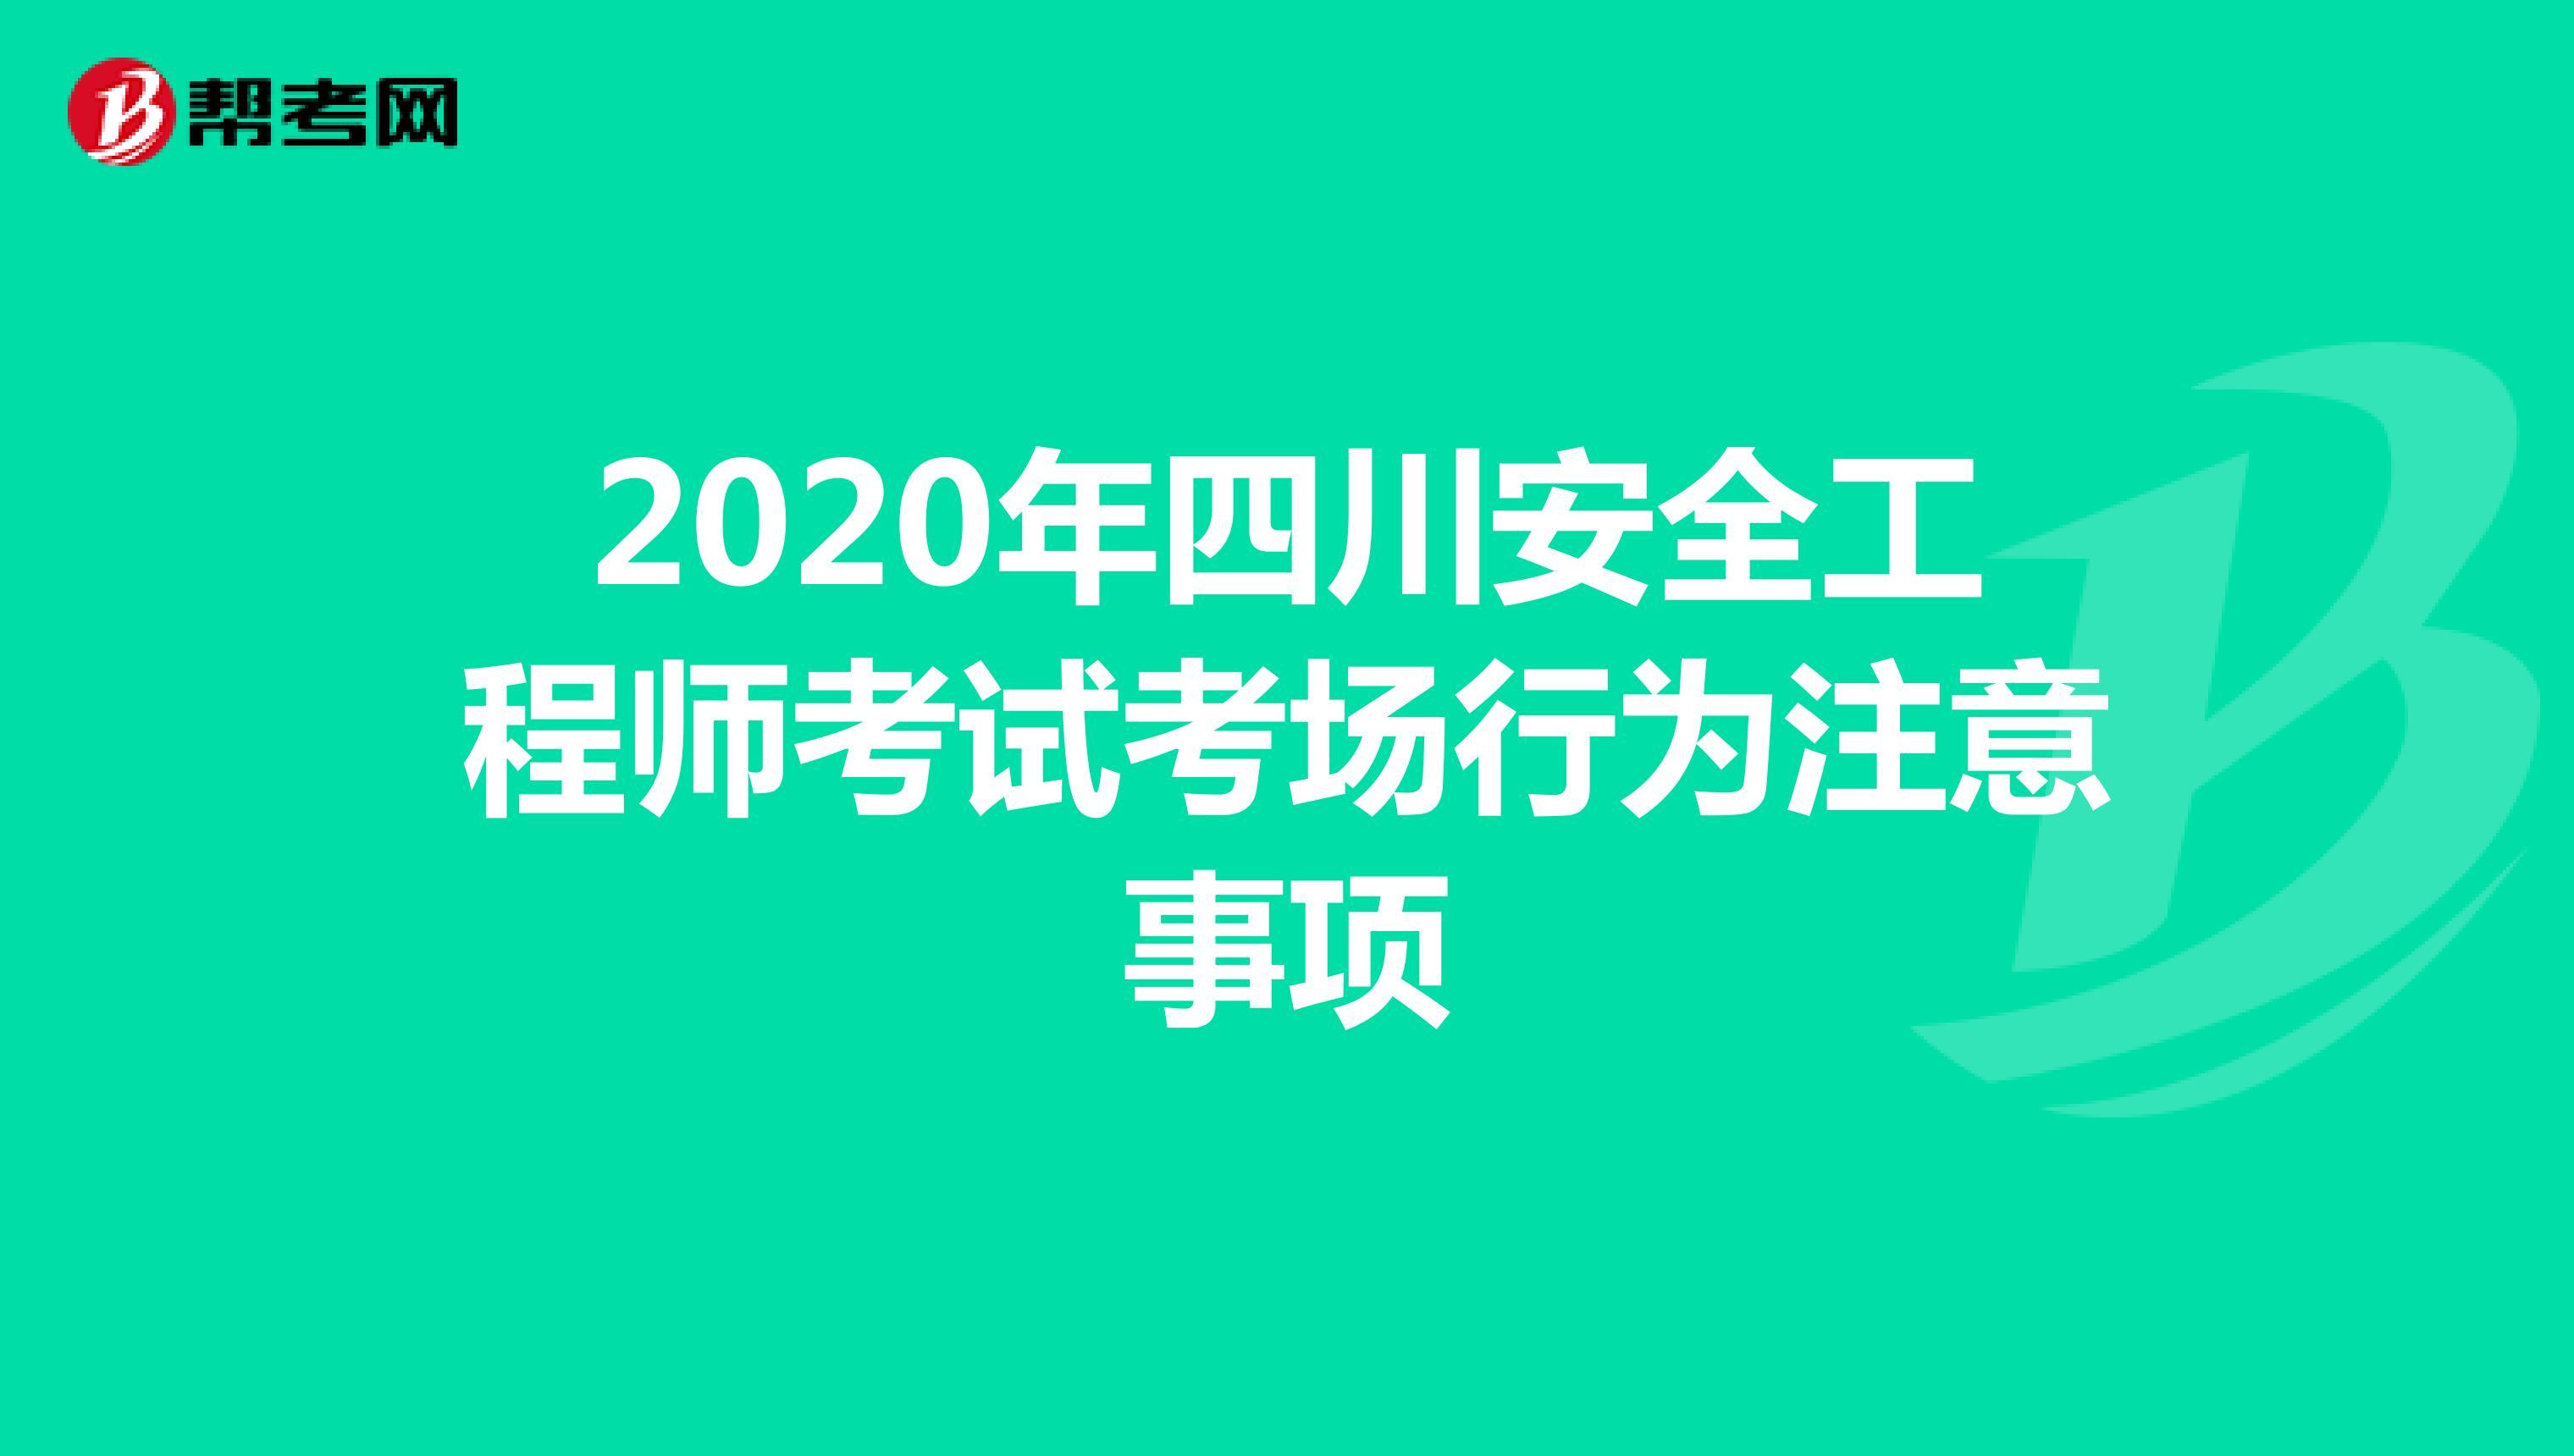 2020年四川安全工程师考试考场行为注意事项